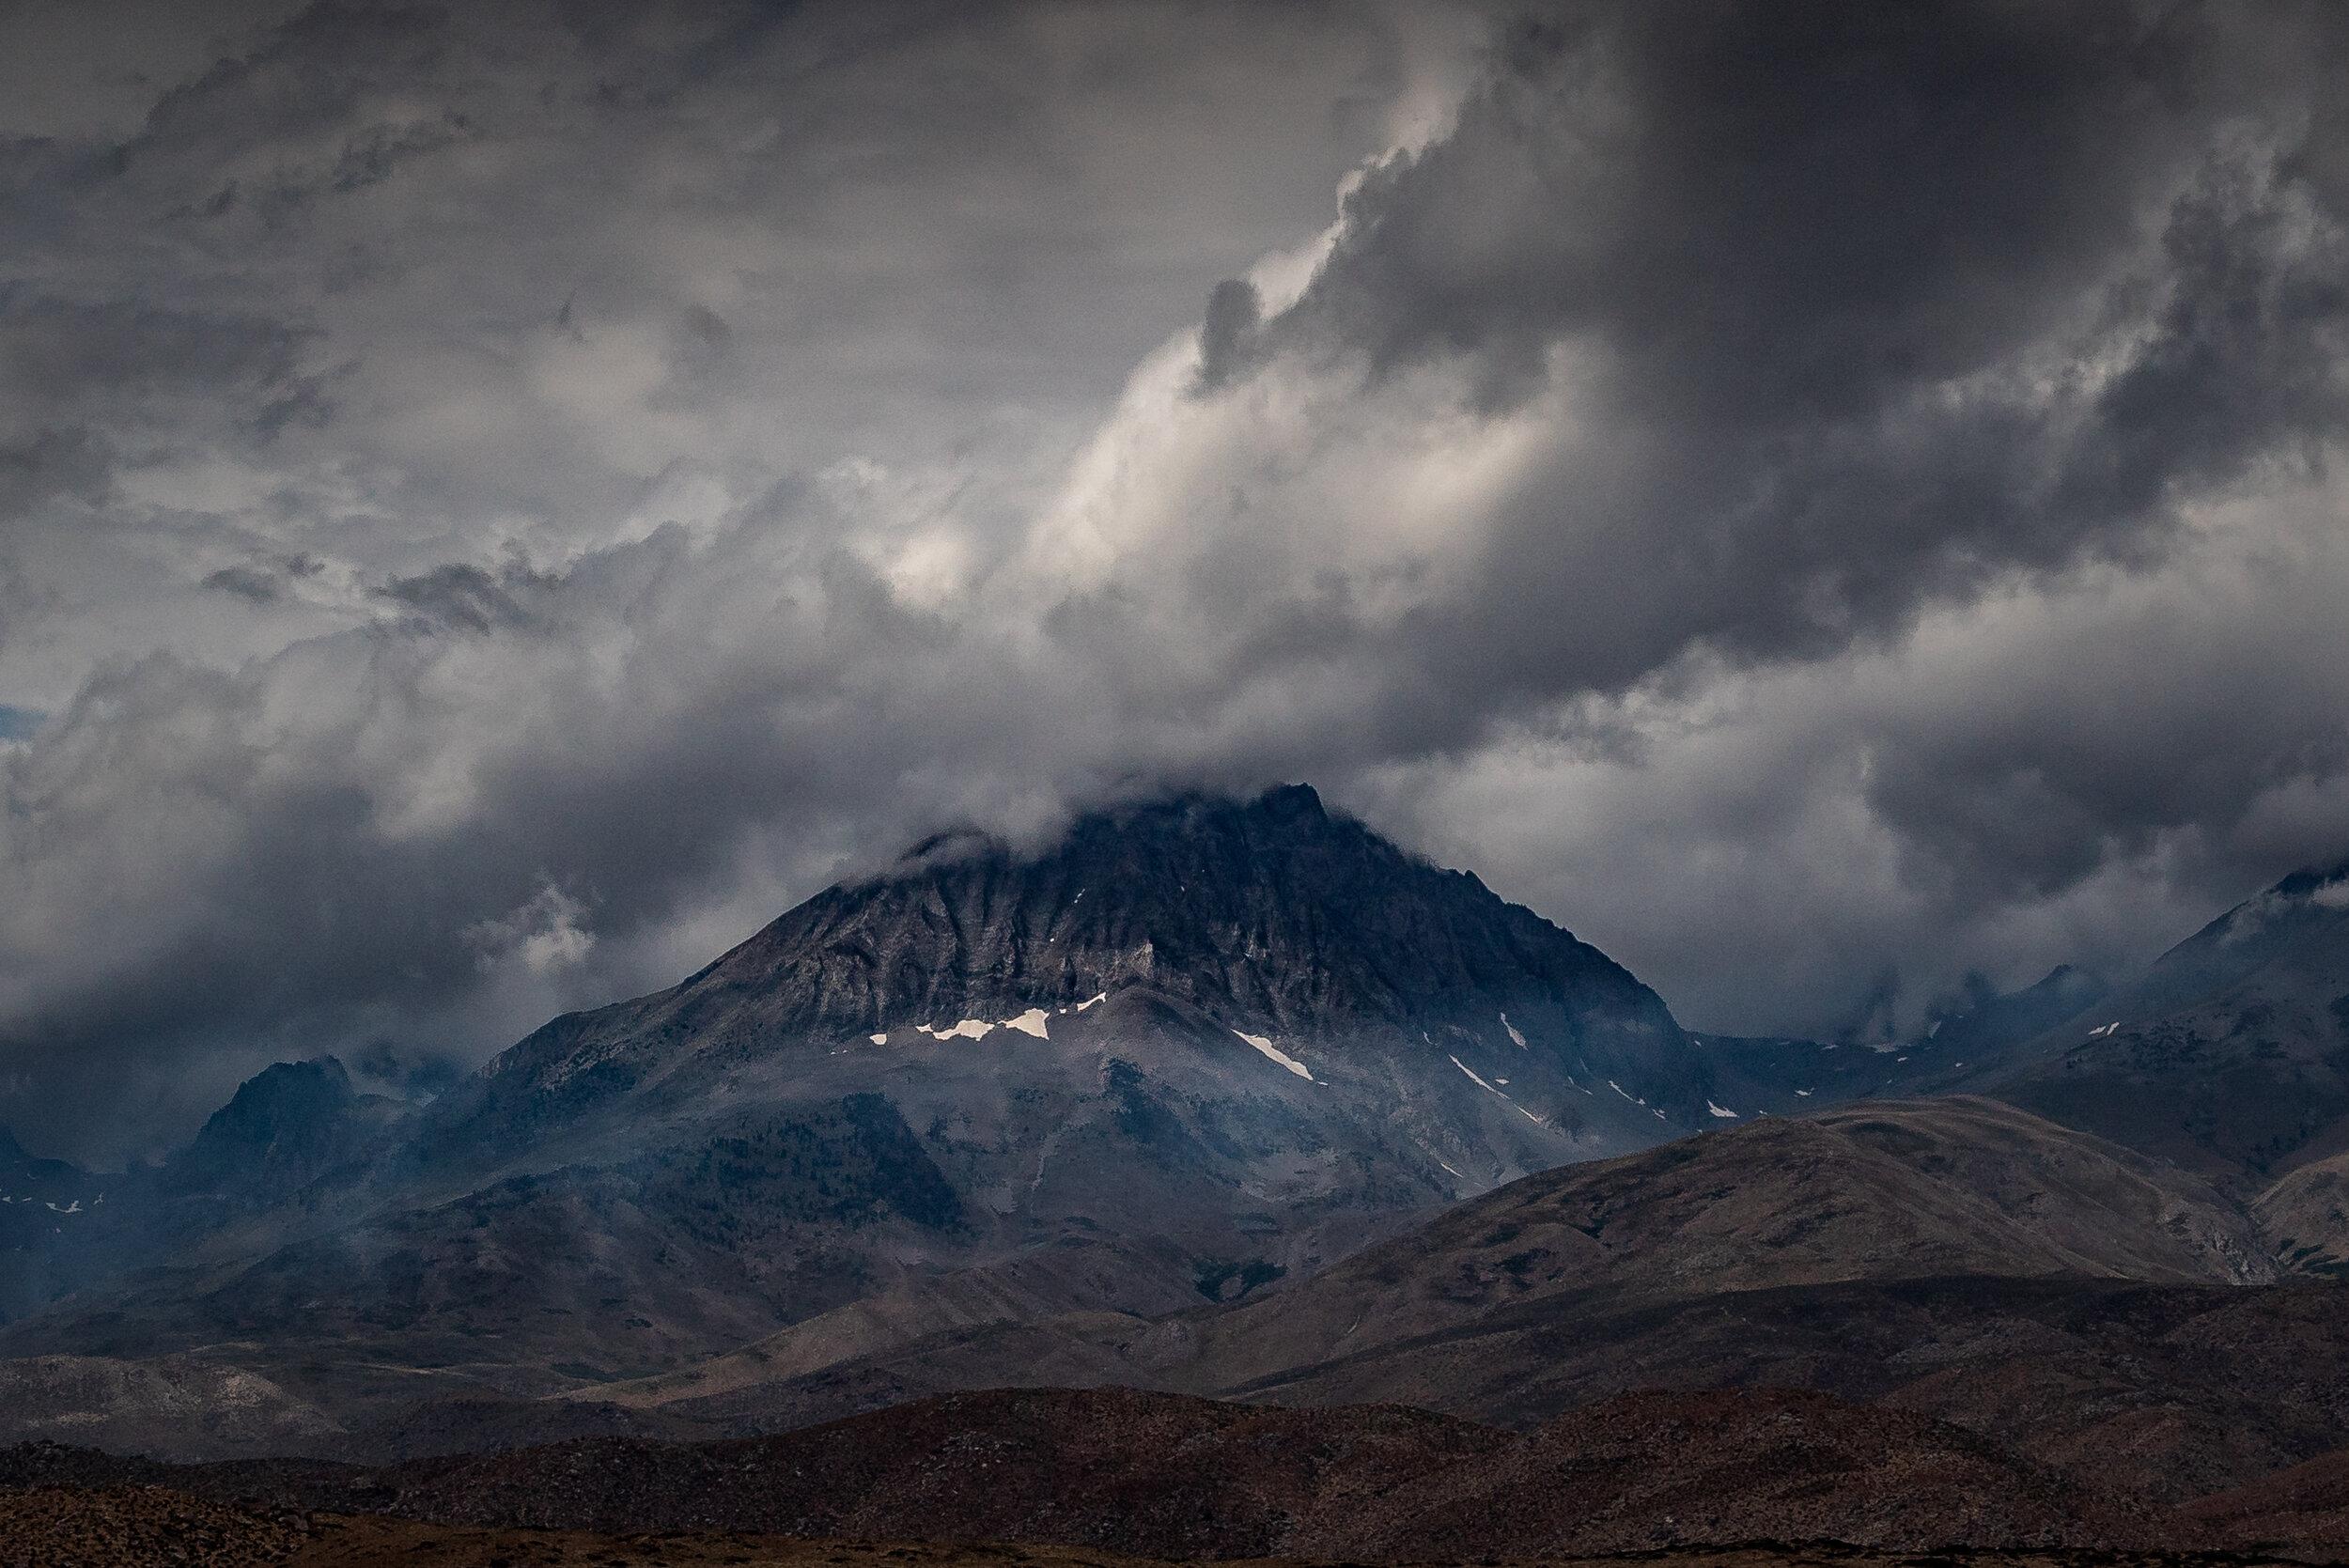 Sierras w Rumsey 2019-21.jpg